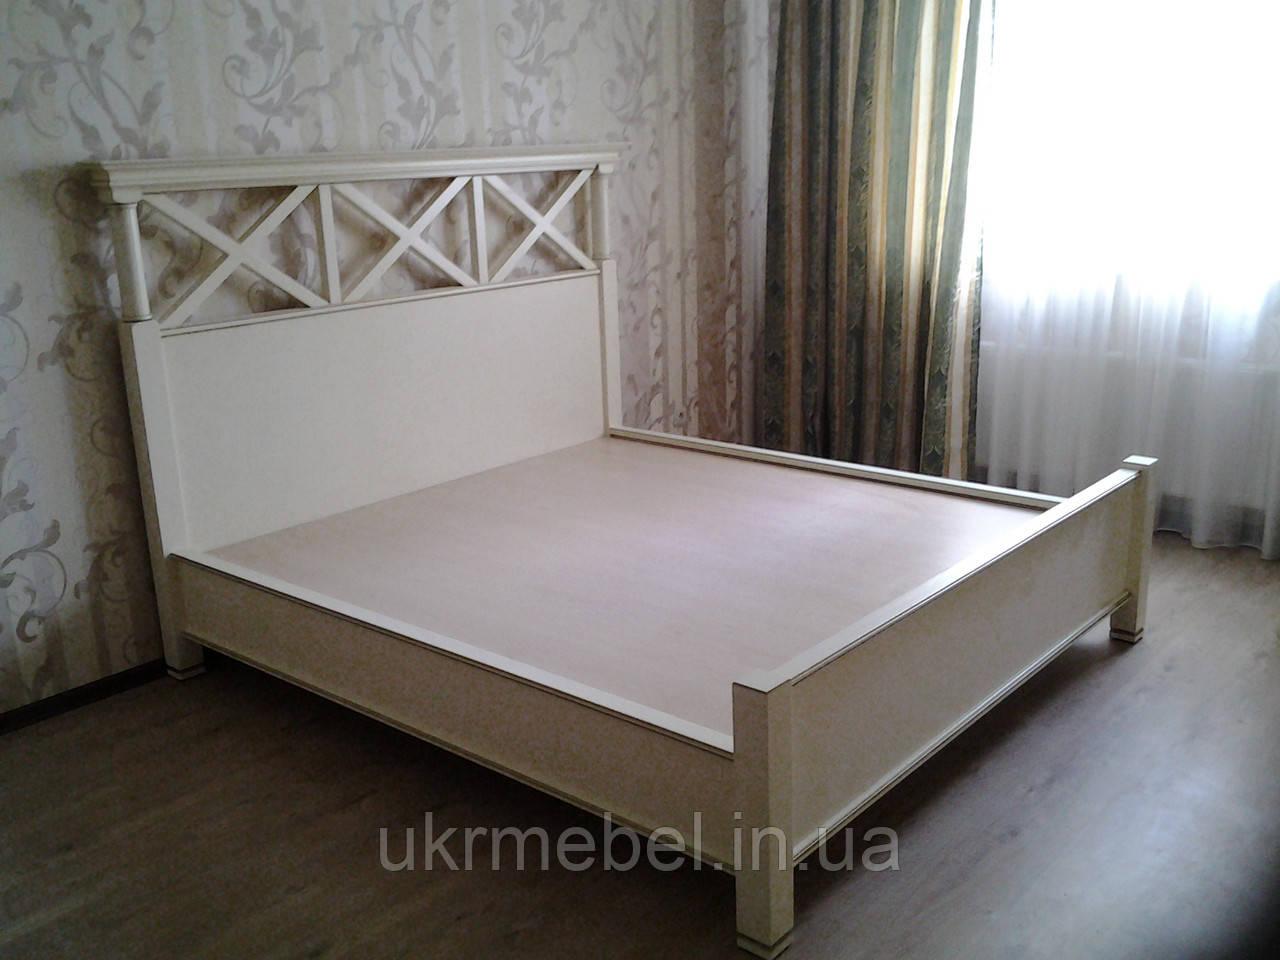 Кровати из дерева. Деревянные кровати под заказ